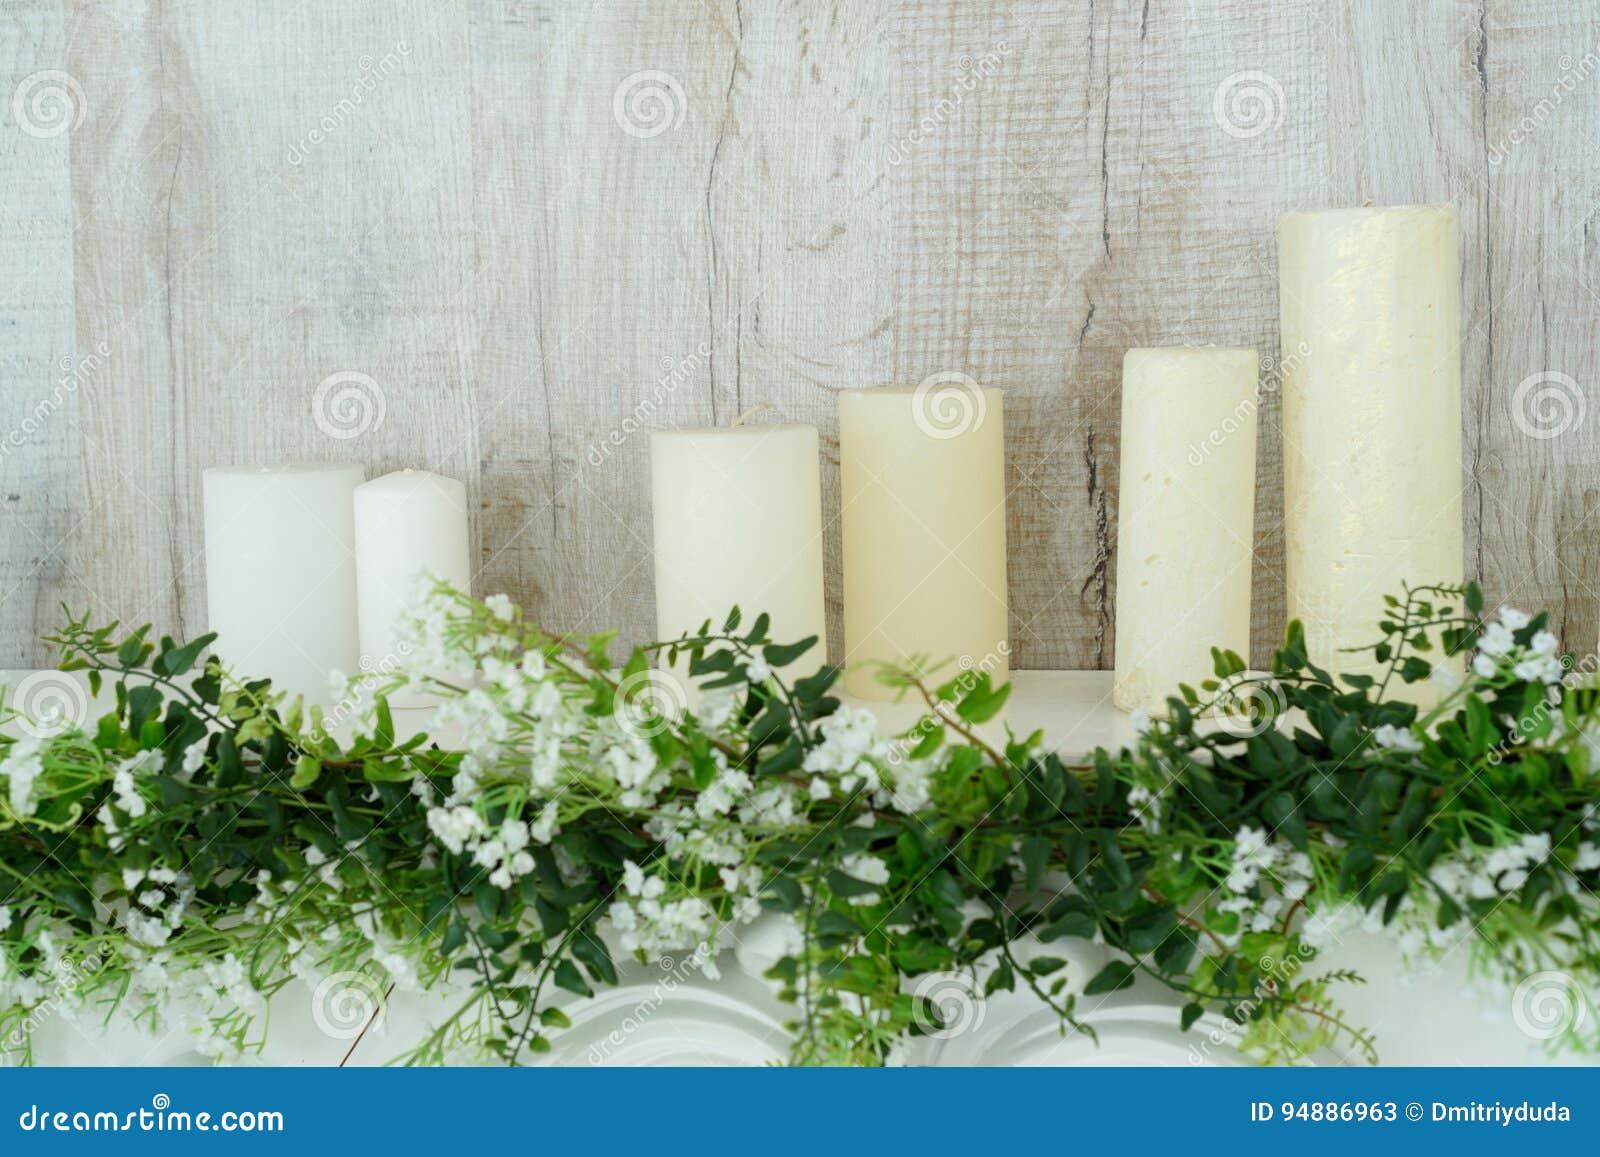 Legno Decorativo Per Camino camino decorativo bianco con le candele su vicino alla